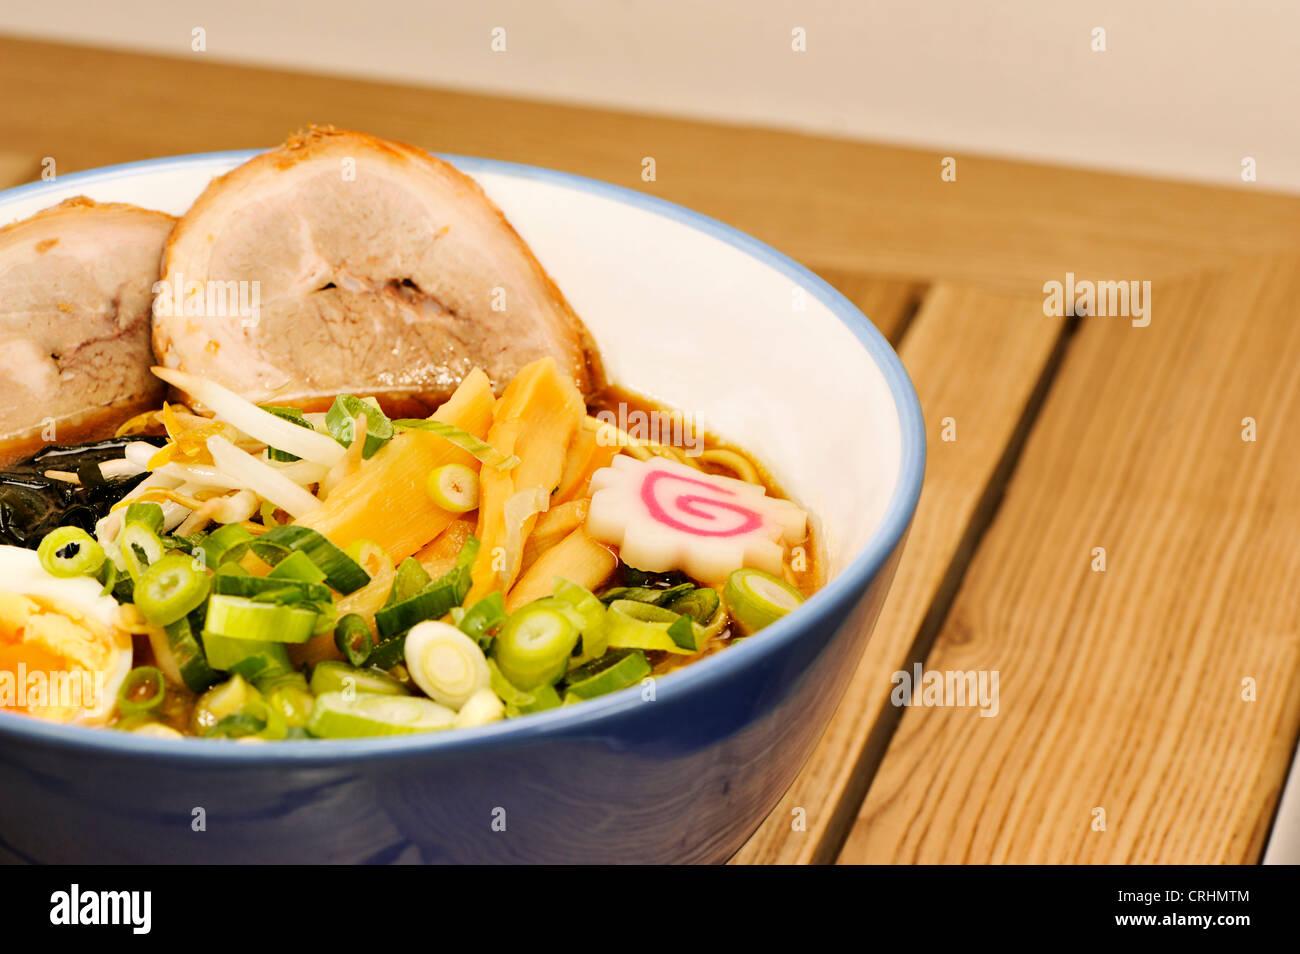 close up of a bowl of ramen - Stock Image